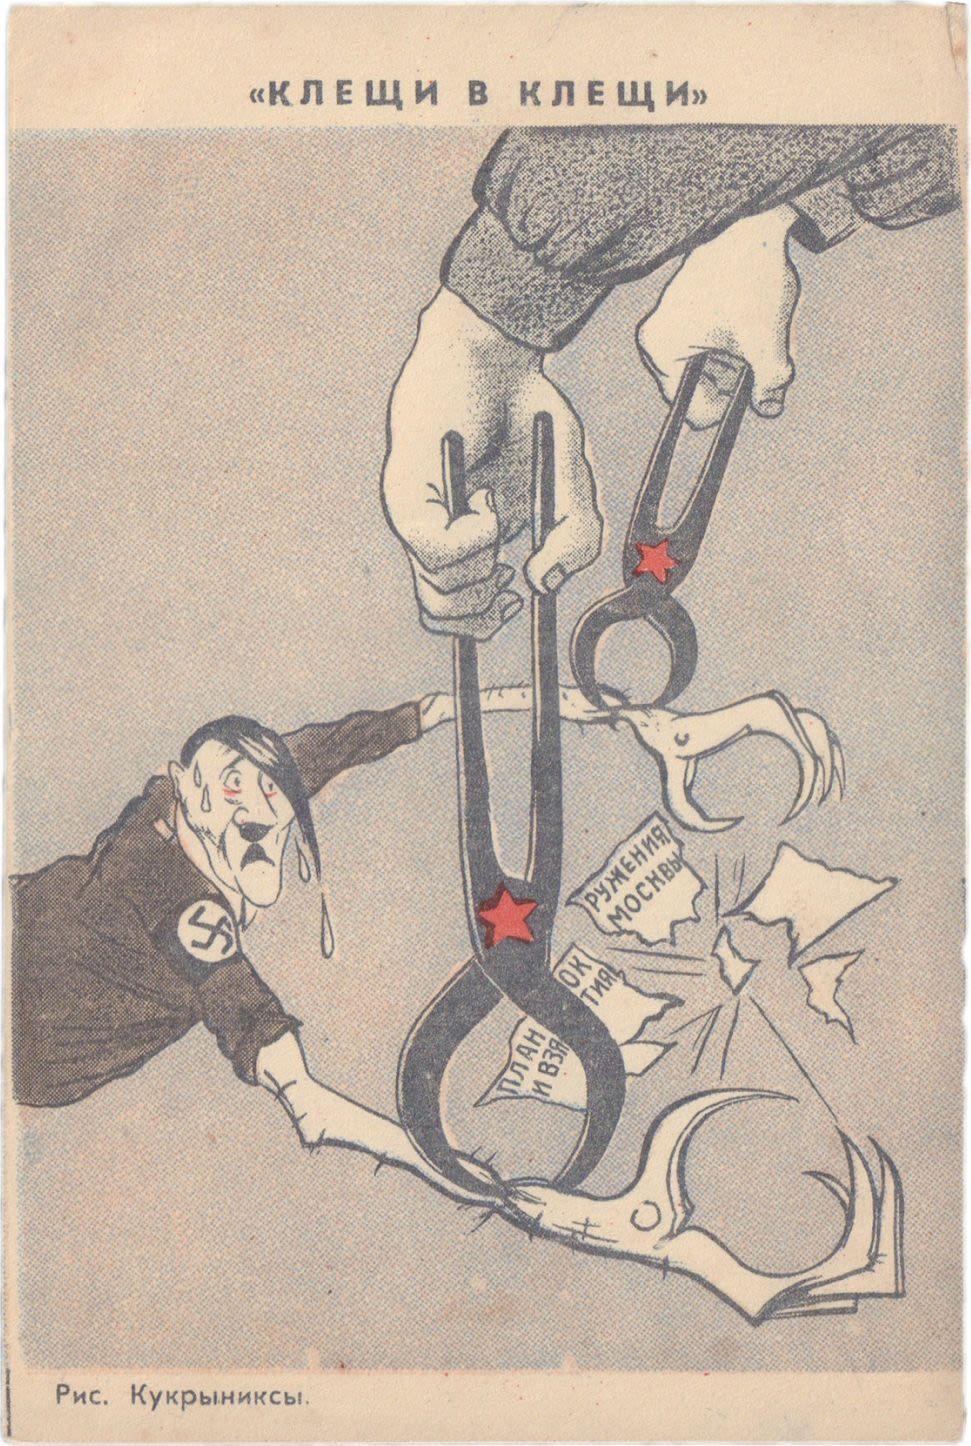 Аукцион Bidspirit | [Кукрыниксы]. Открытка «Клещи в клещи» | Книжные  обложки картинки, Старые плакаты, Карикатура